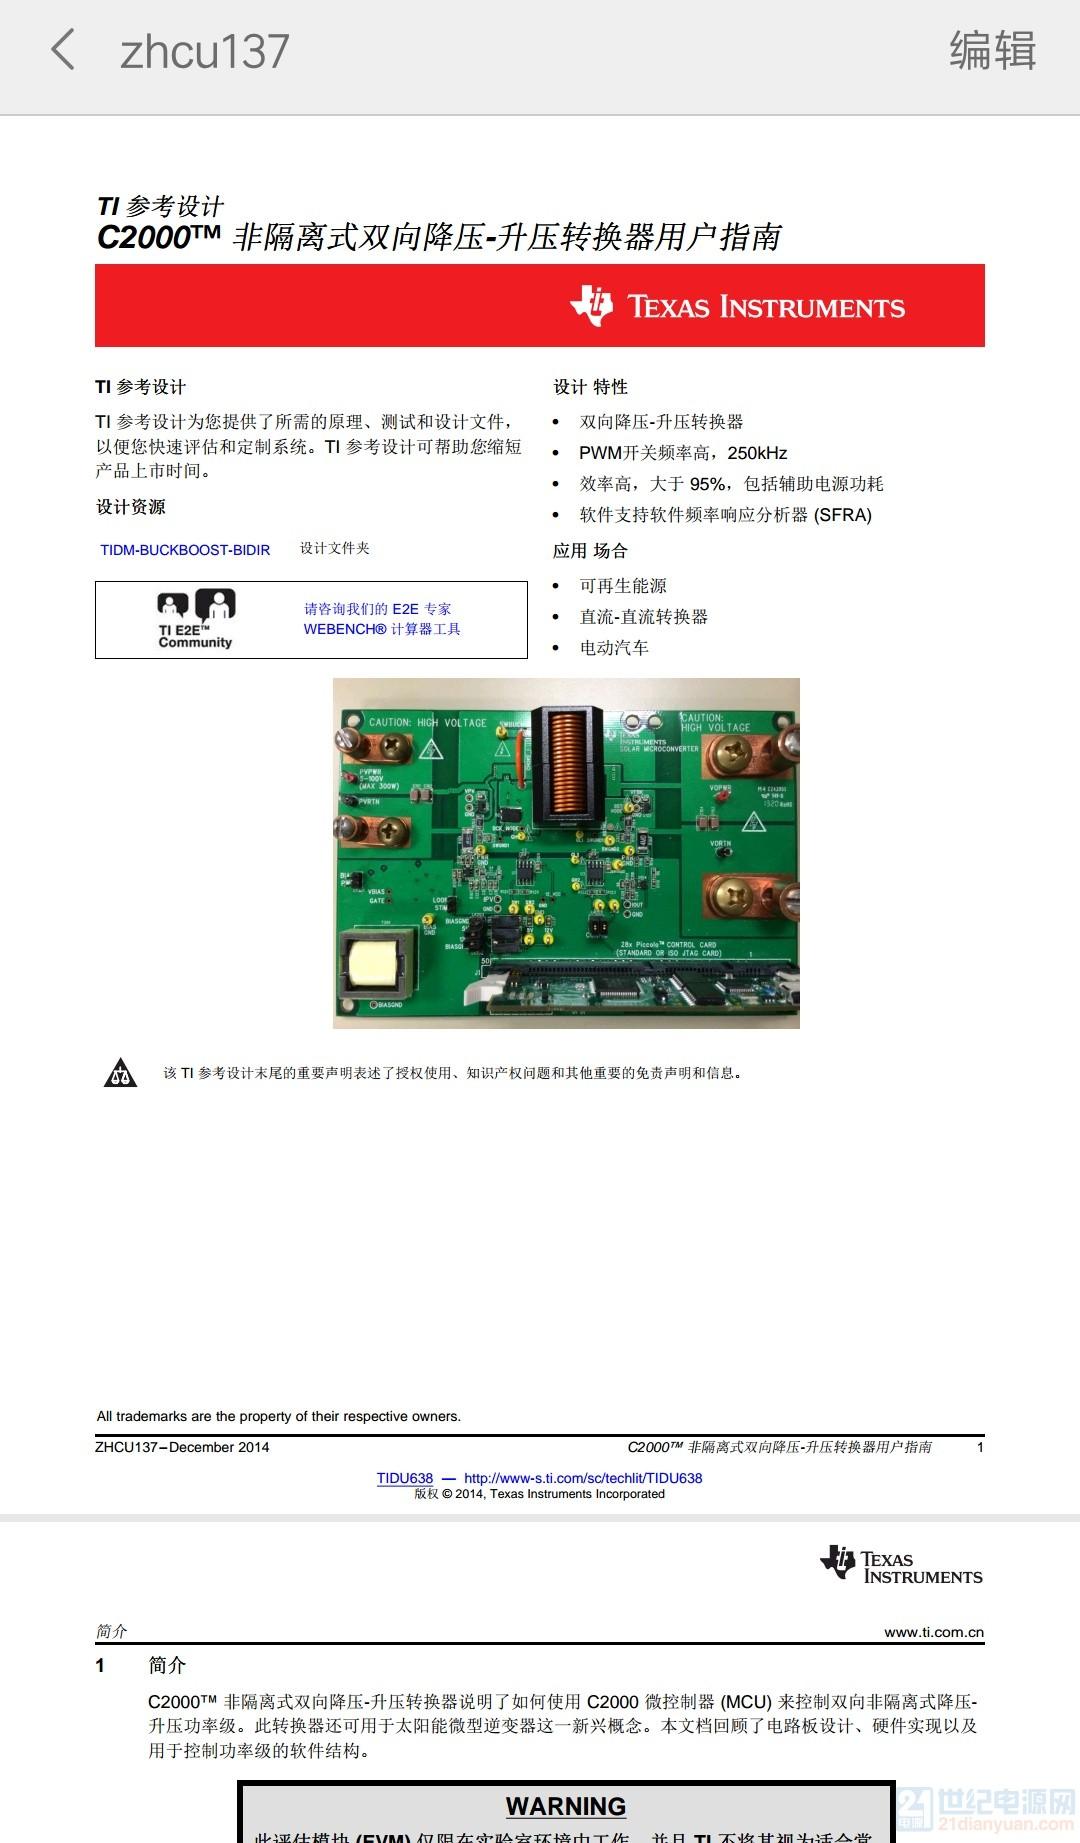 Screenshot_2018-03-31-23-49-47-327_cn.wps.moffice_eng.png